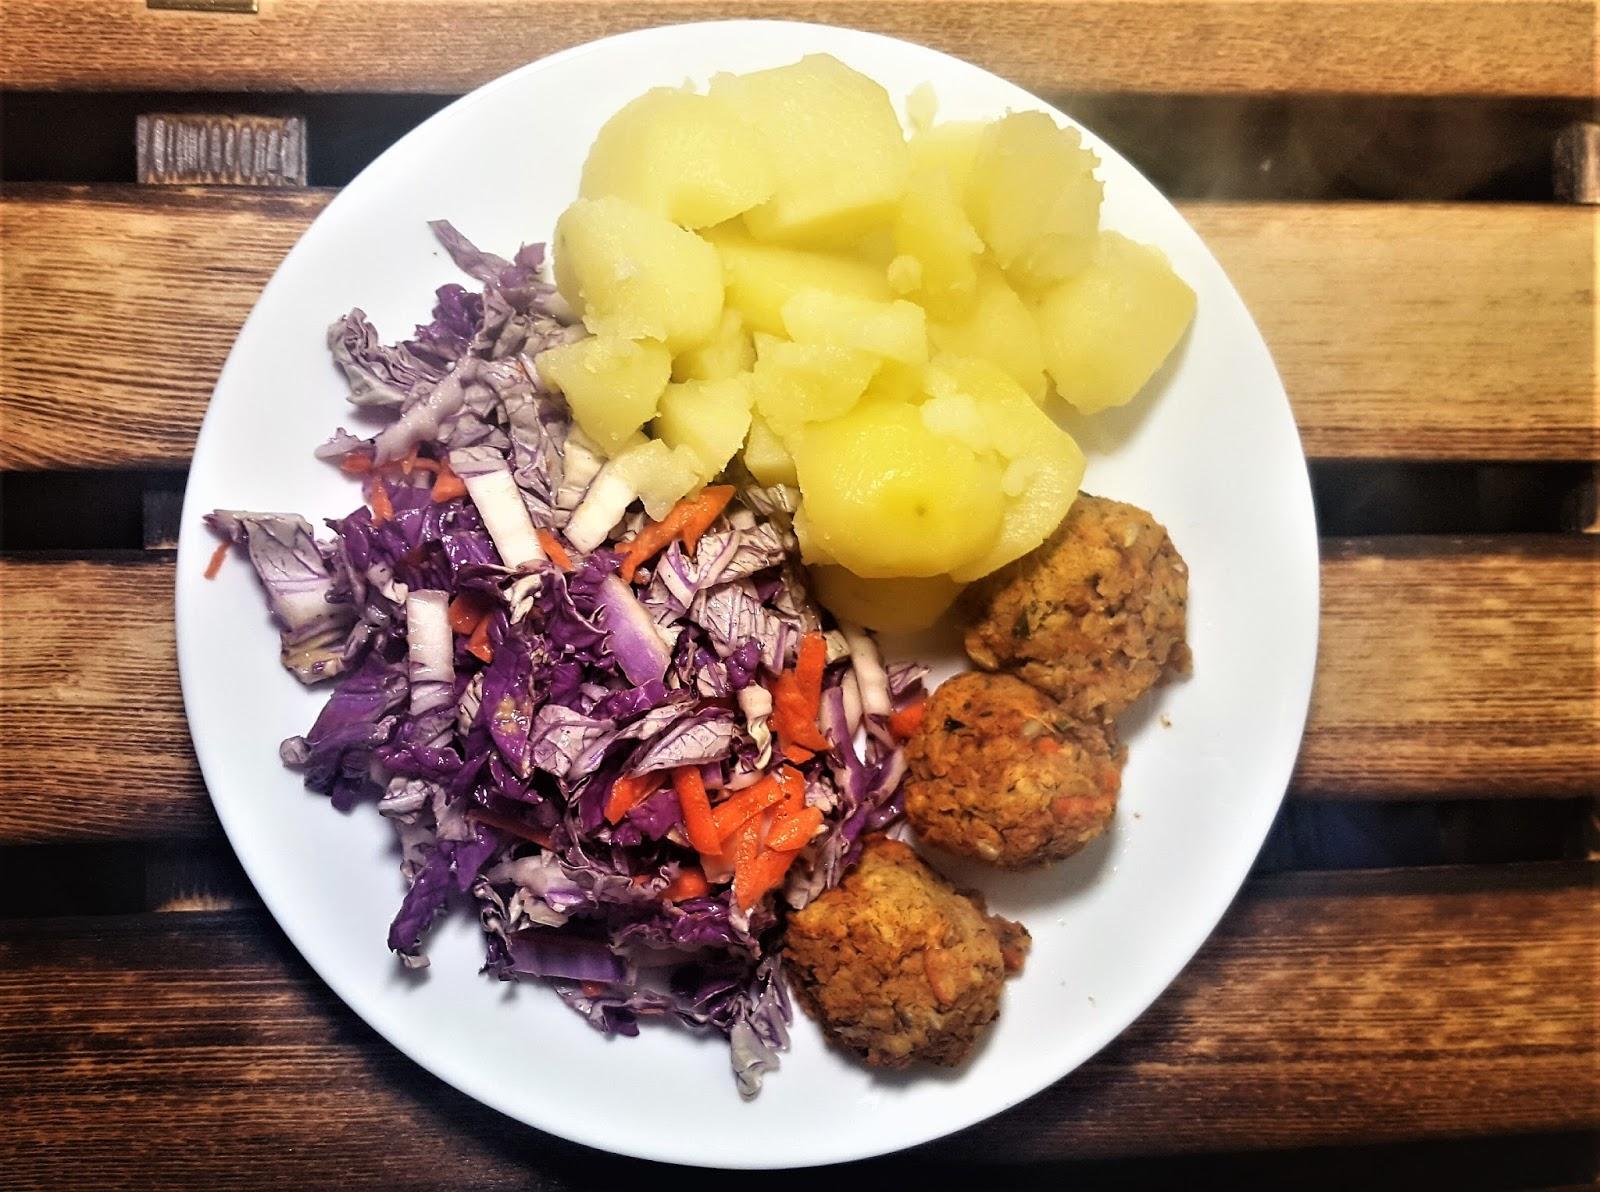 Dwa szybkie i dietetyczne dania - zupa z groszku i jarmużu oraz kotleciki z soczewicy